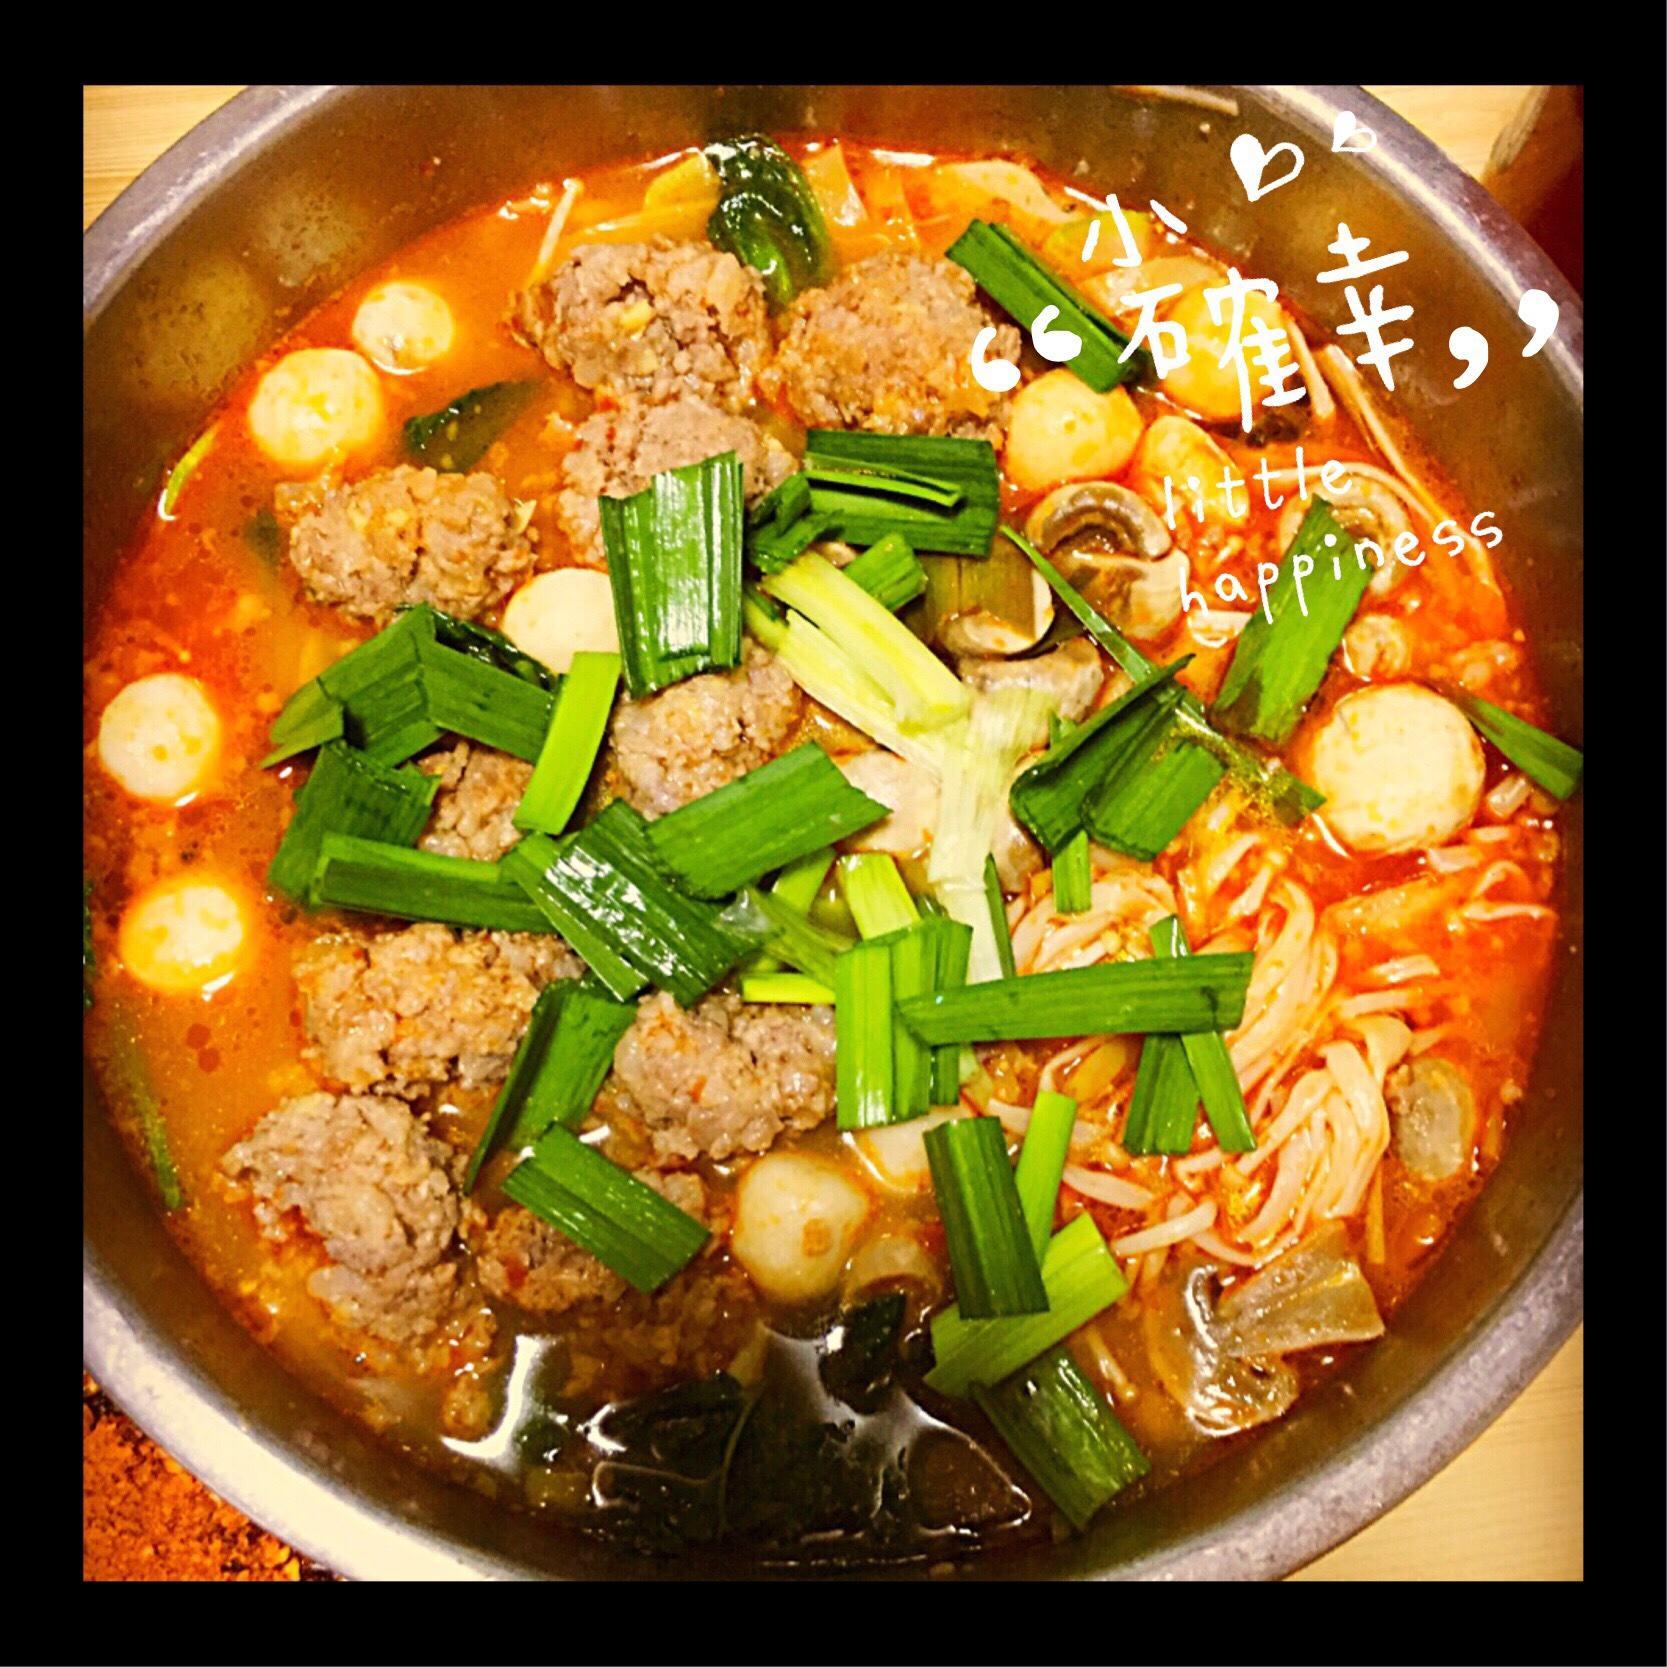 八宝饭图片_火锅汤图片大全集 - 美食照片、家常菜谱真实高清图片欣赏